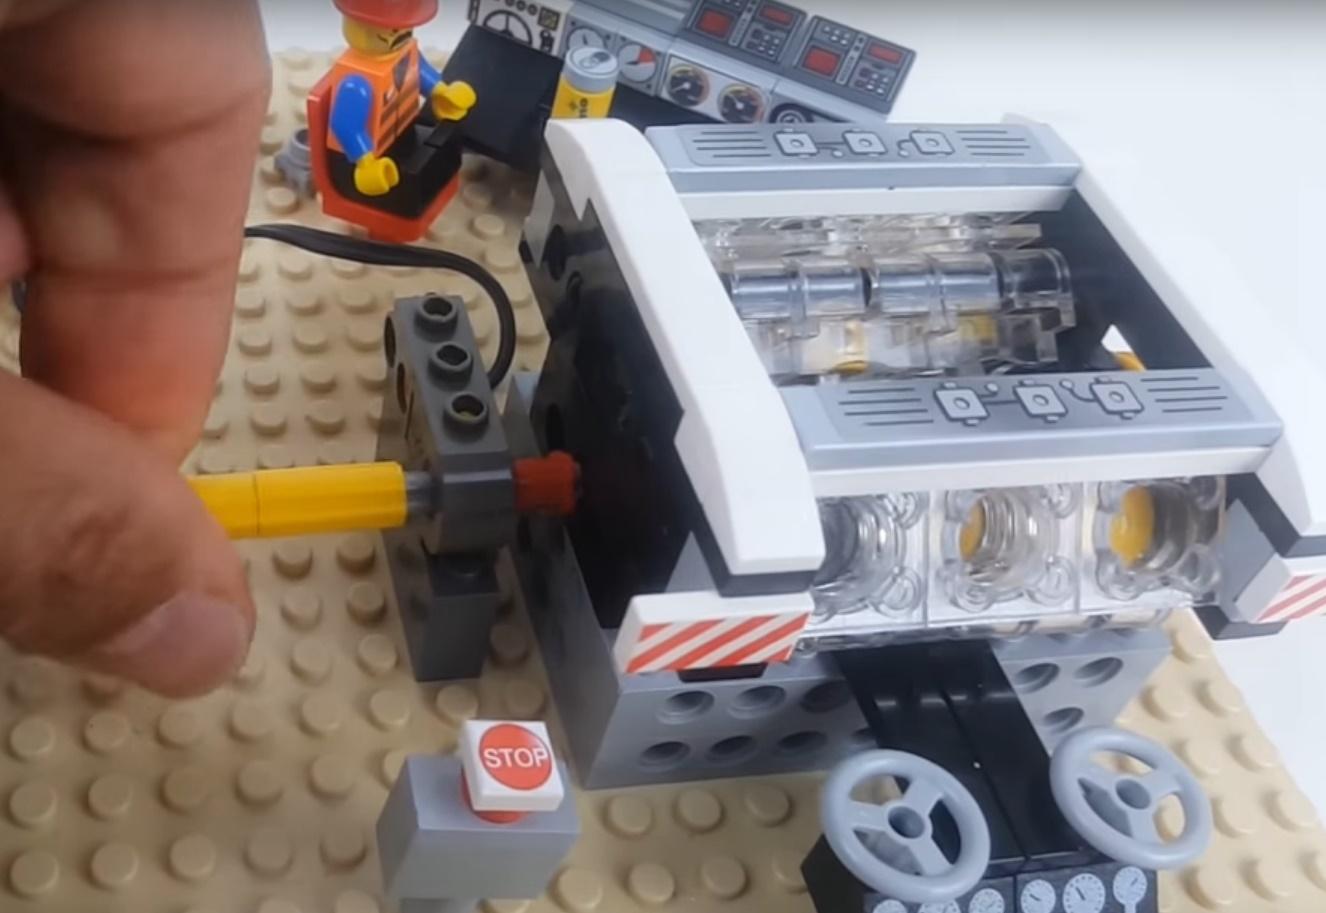 Imagem de Pessoas estão testando motores feitos com LEGO até eles explodirem no tecmundo